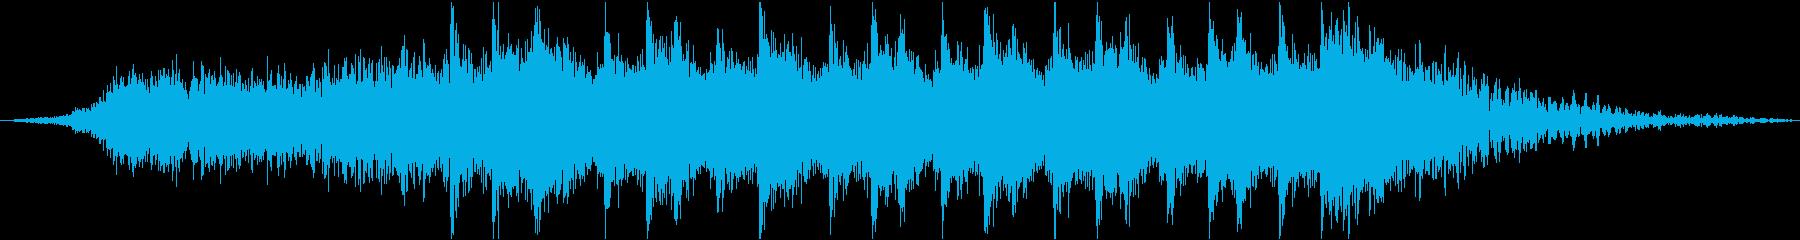 シリアスなストリングス/オープニング系の再生済みの波形